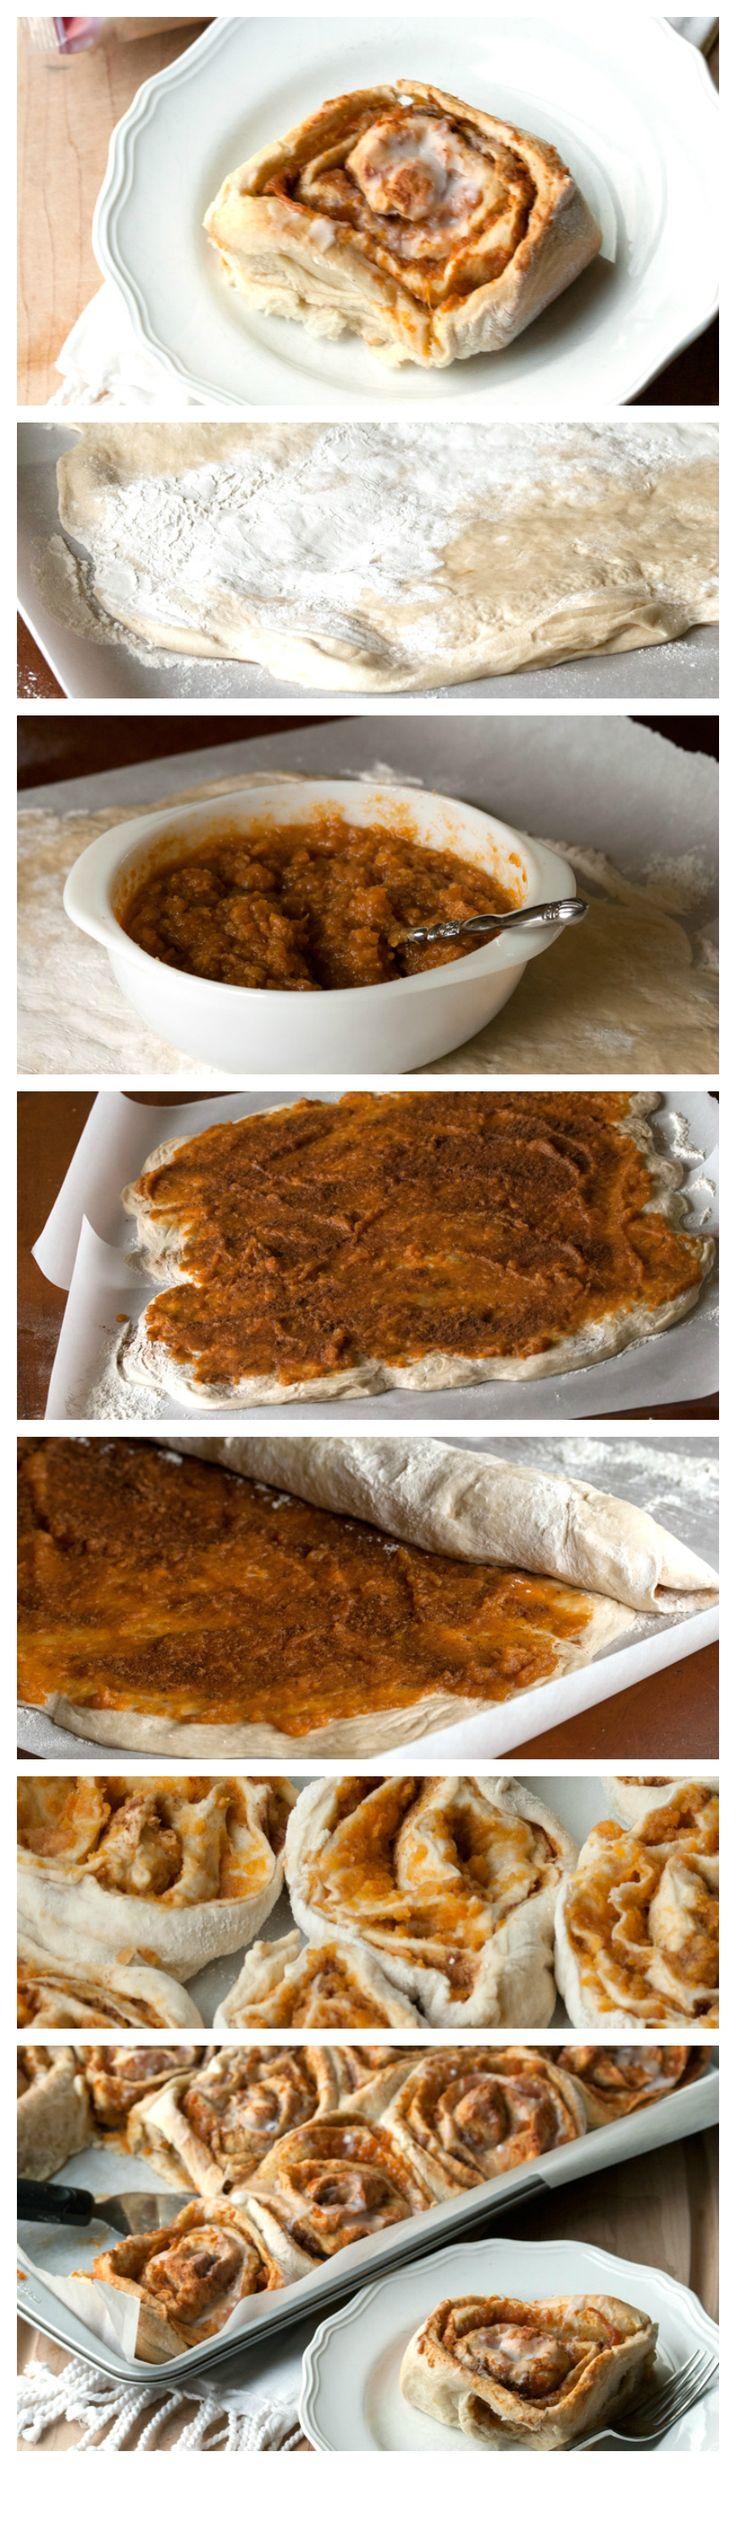 Easy Sweet Potato Rolls | AllSheCooks.com | #AlmostHomemade #Rhodes #breakfast #sweetpotatoes #rolls #sponsored